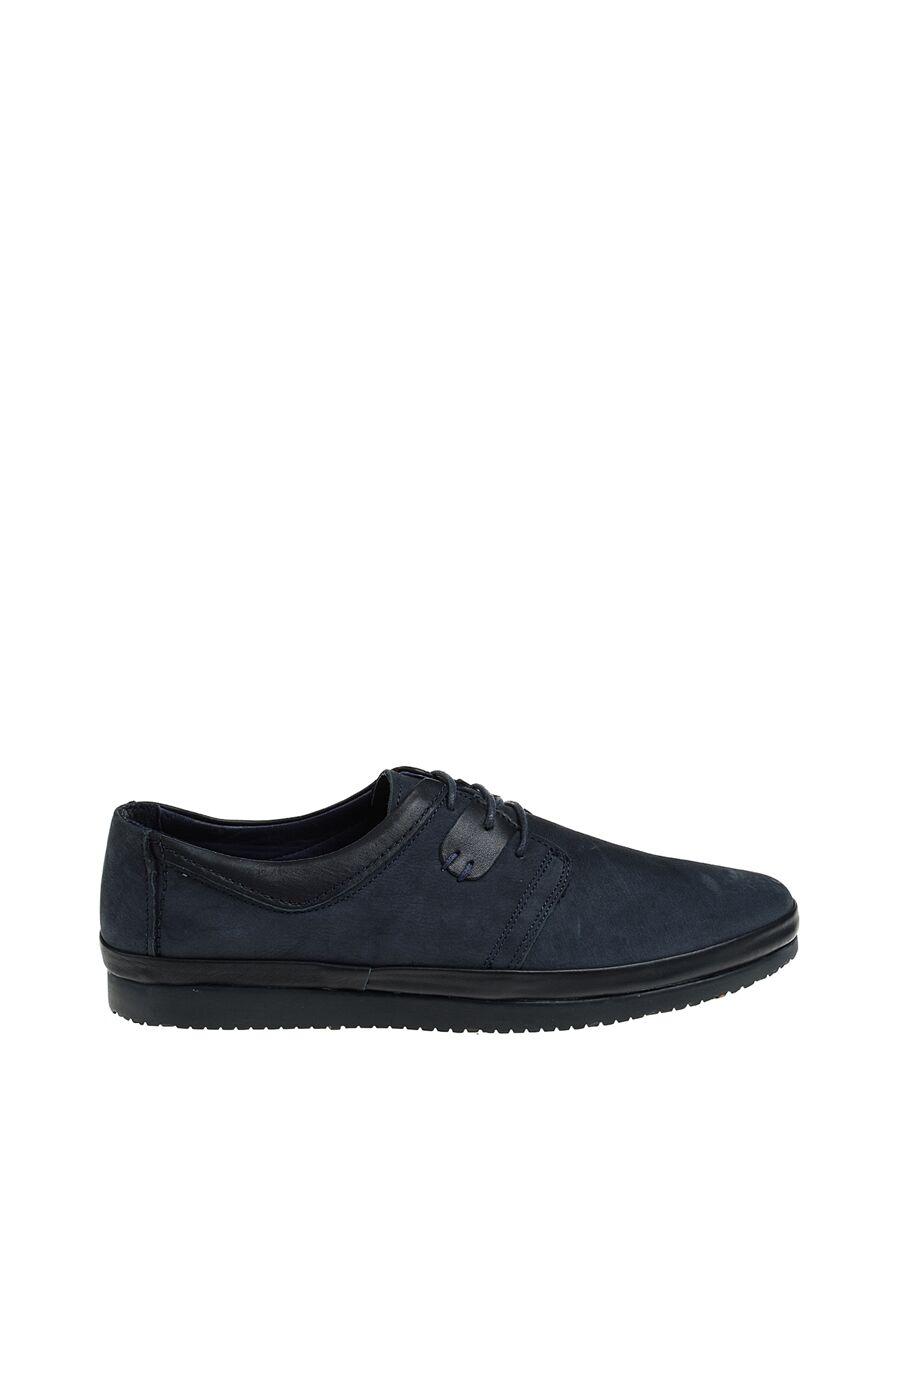 Lacivert Nubuk Ayakkabı